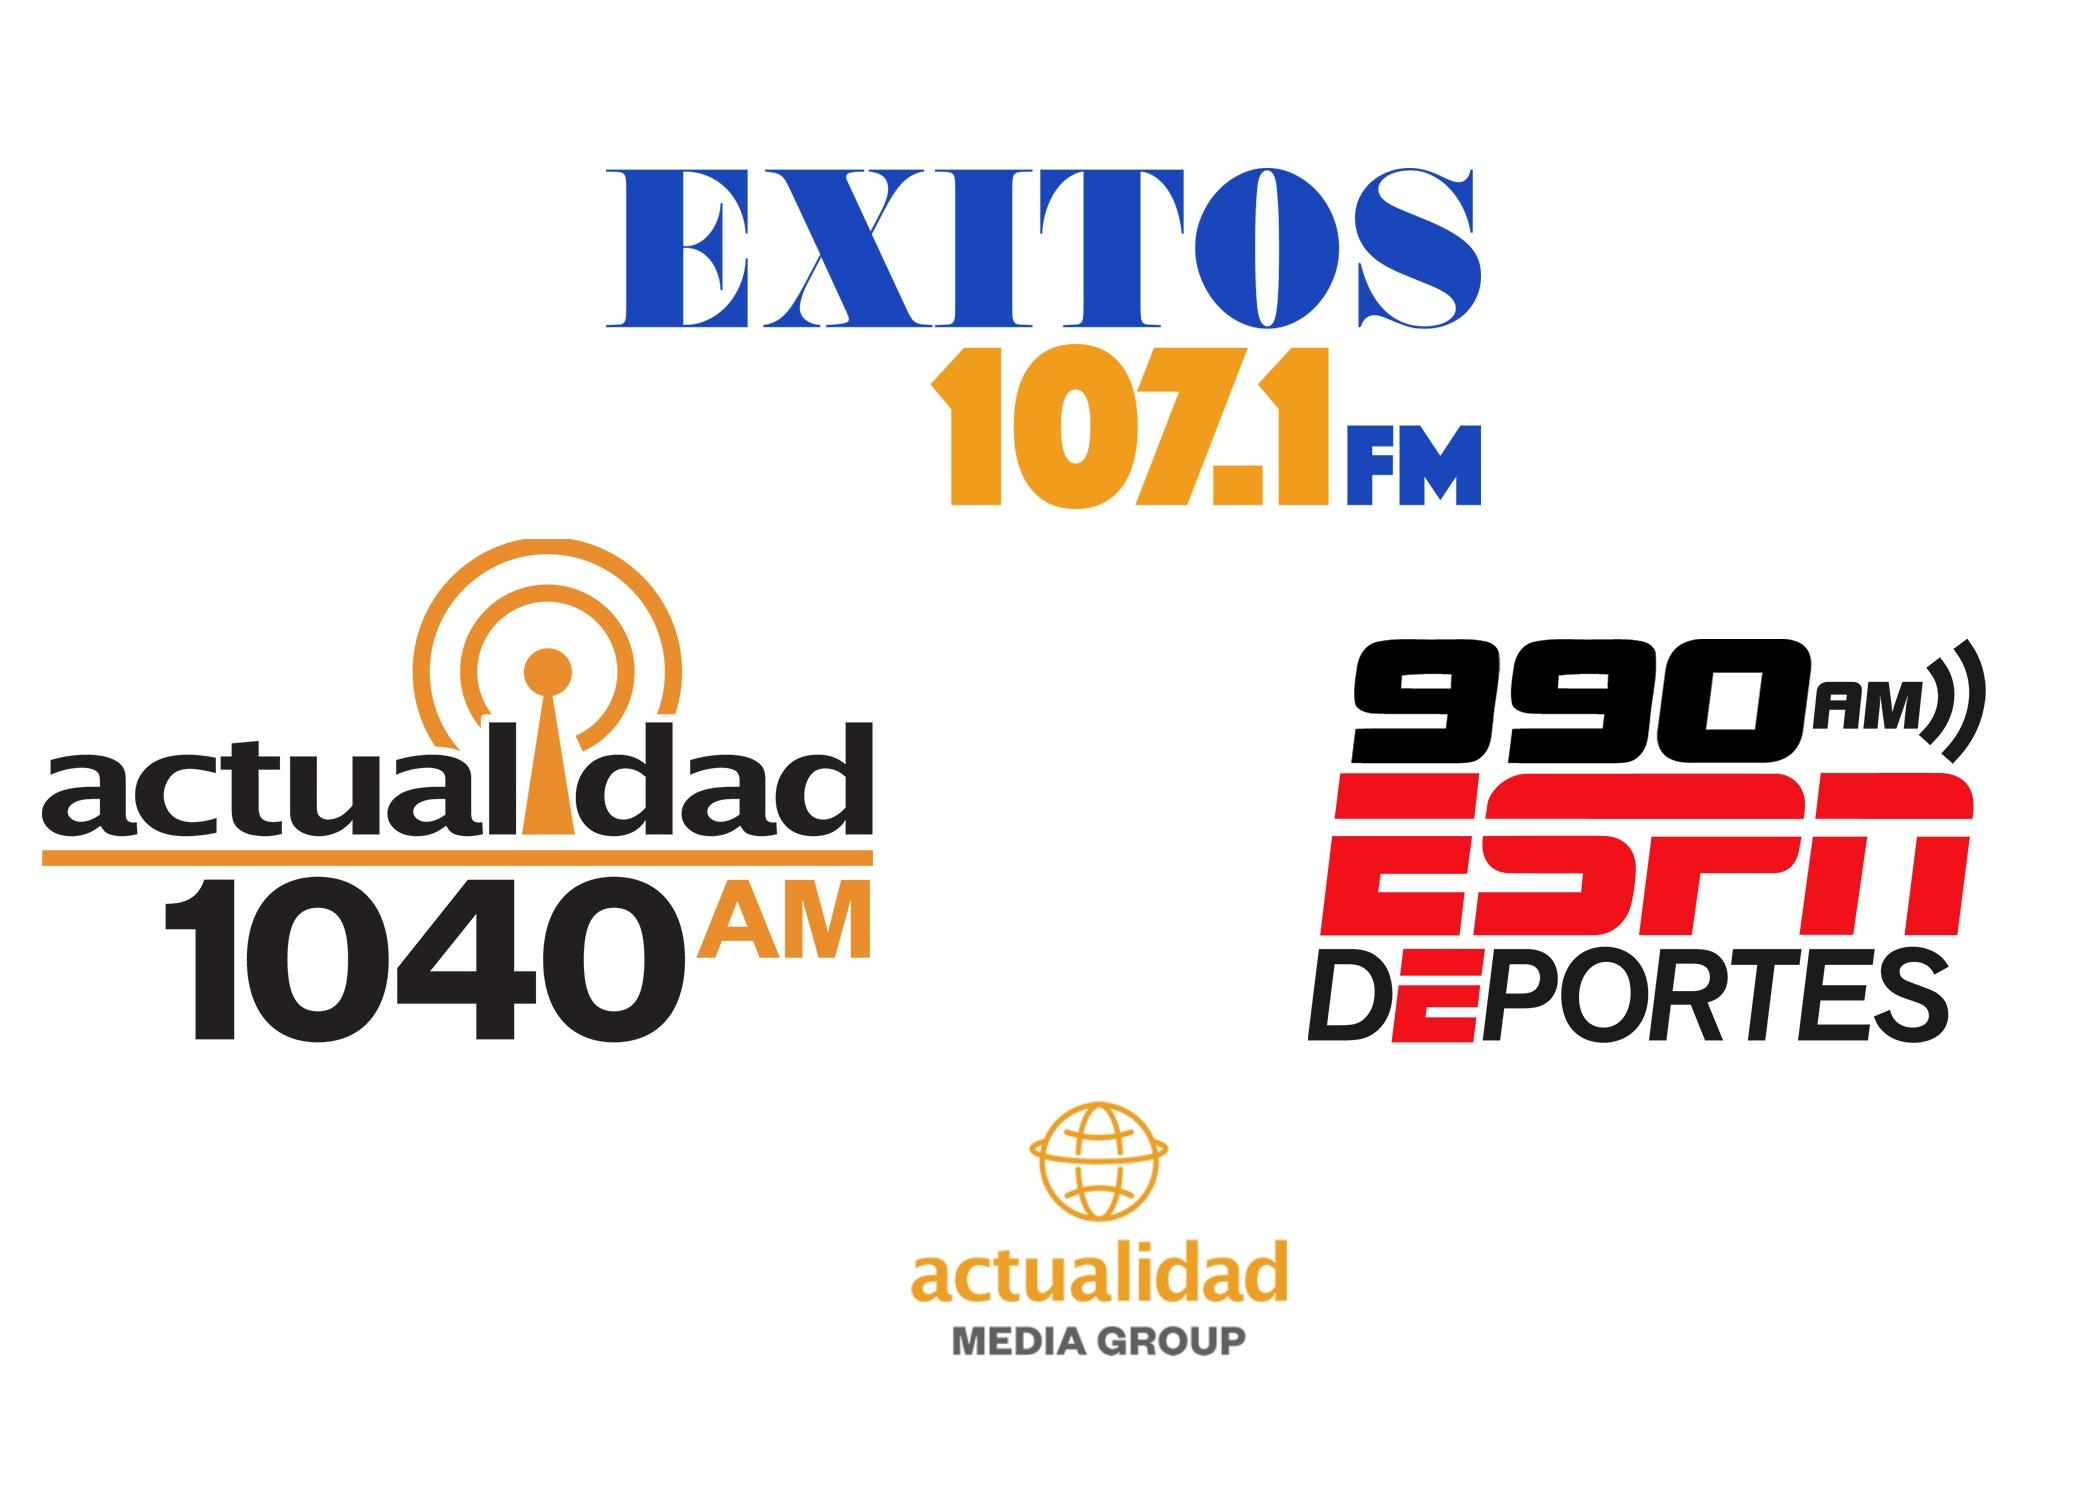 Actualidad 107.1_ 1040_ 990_logos